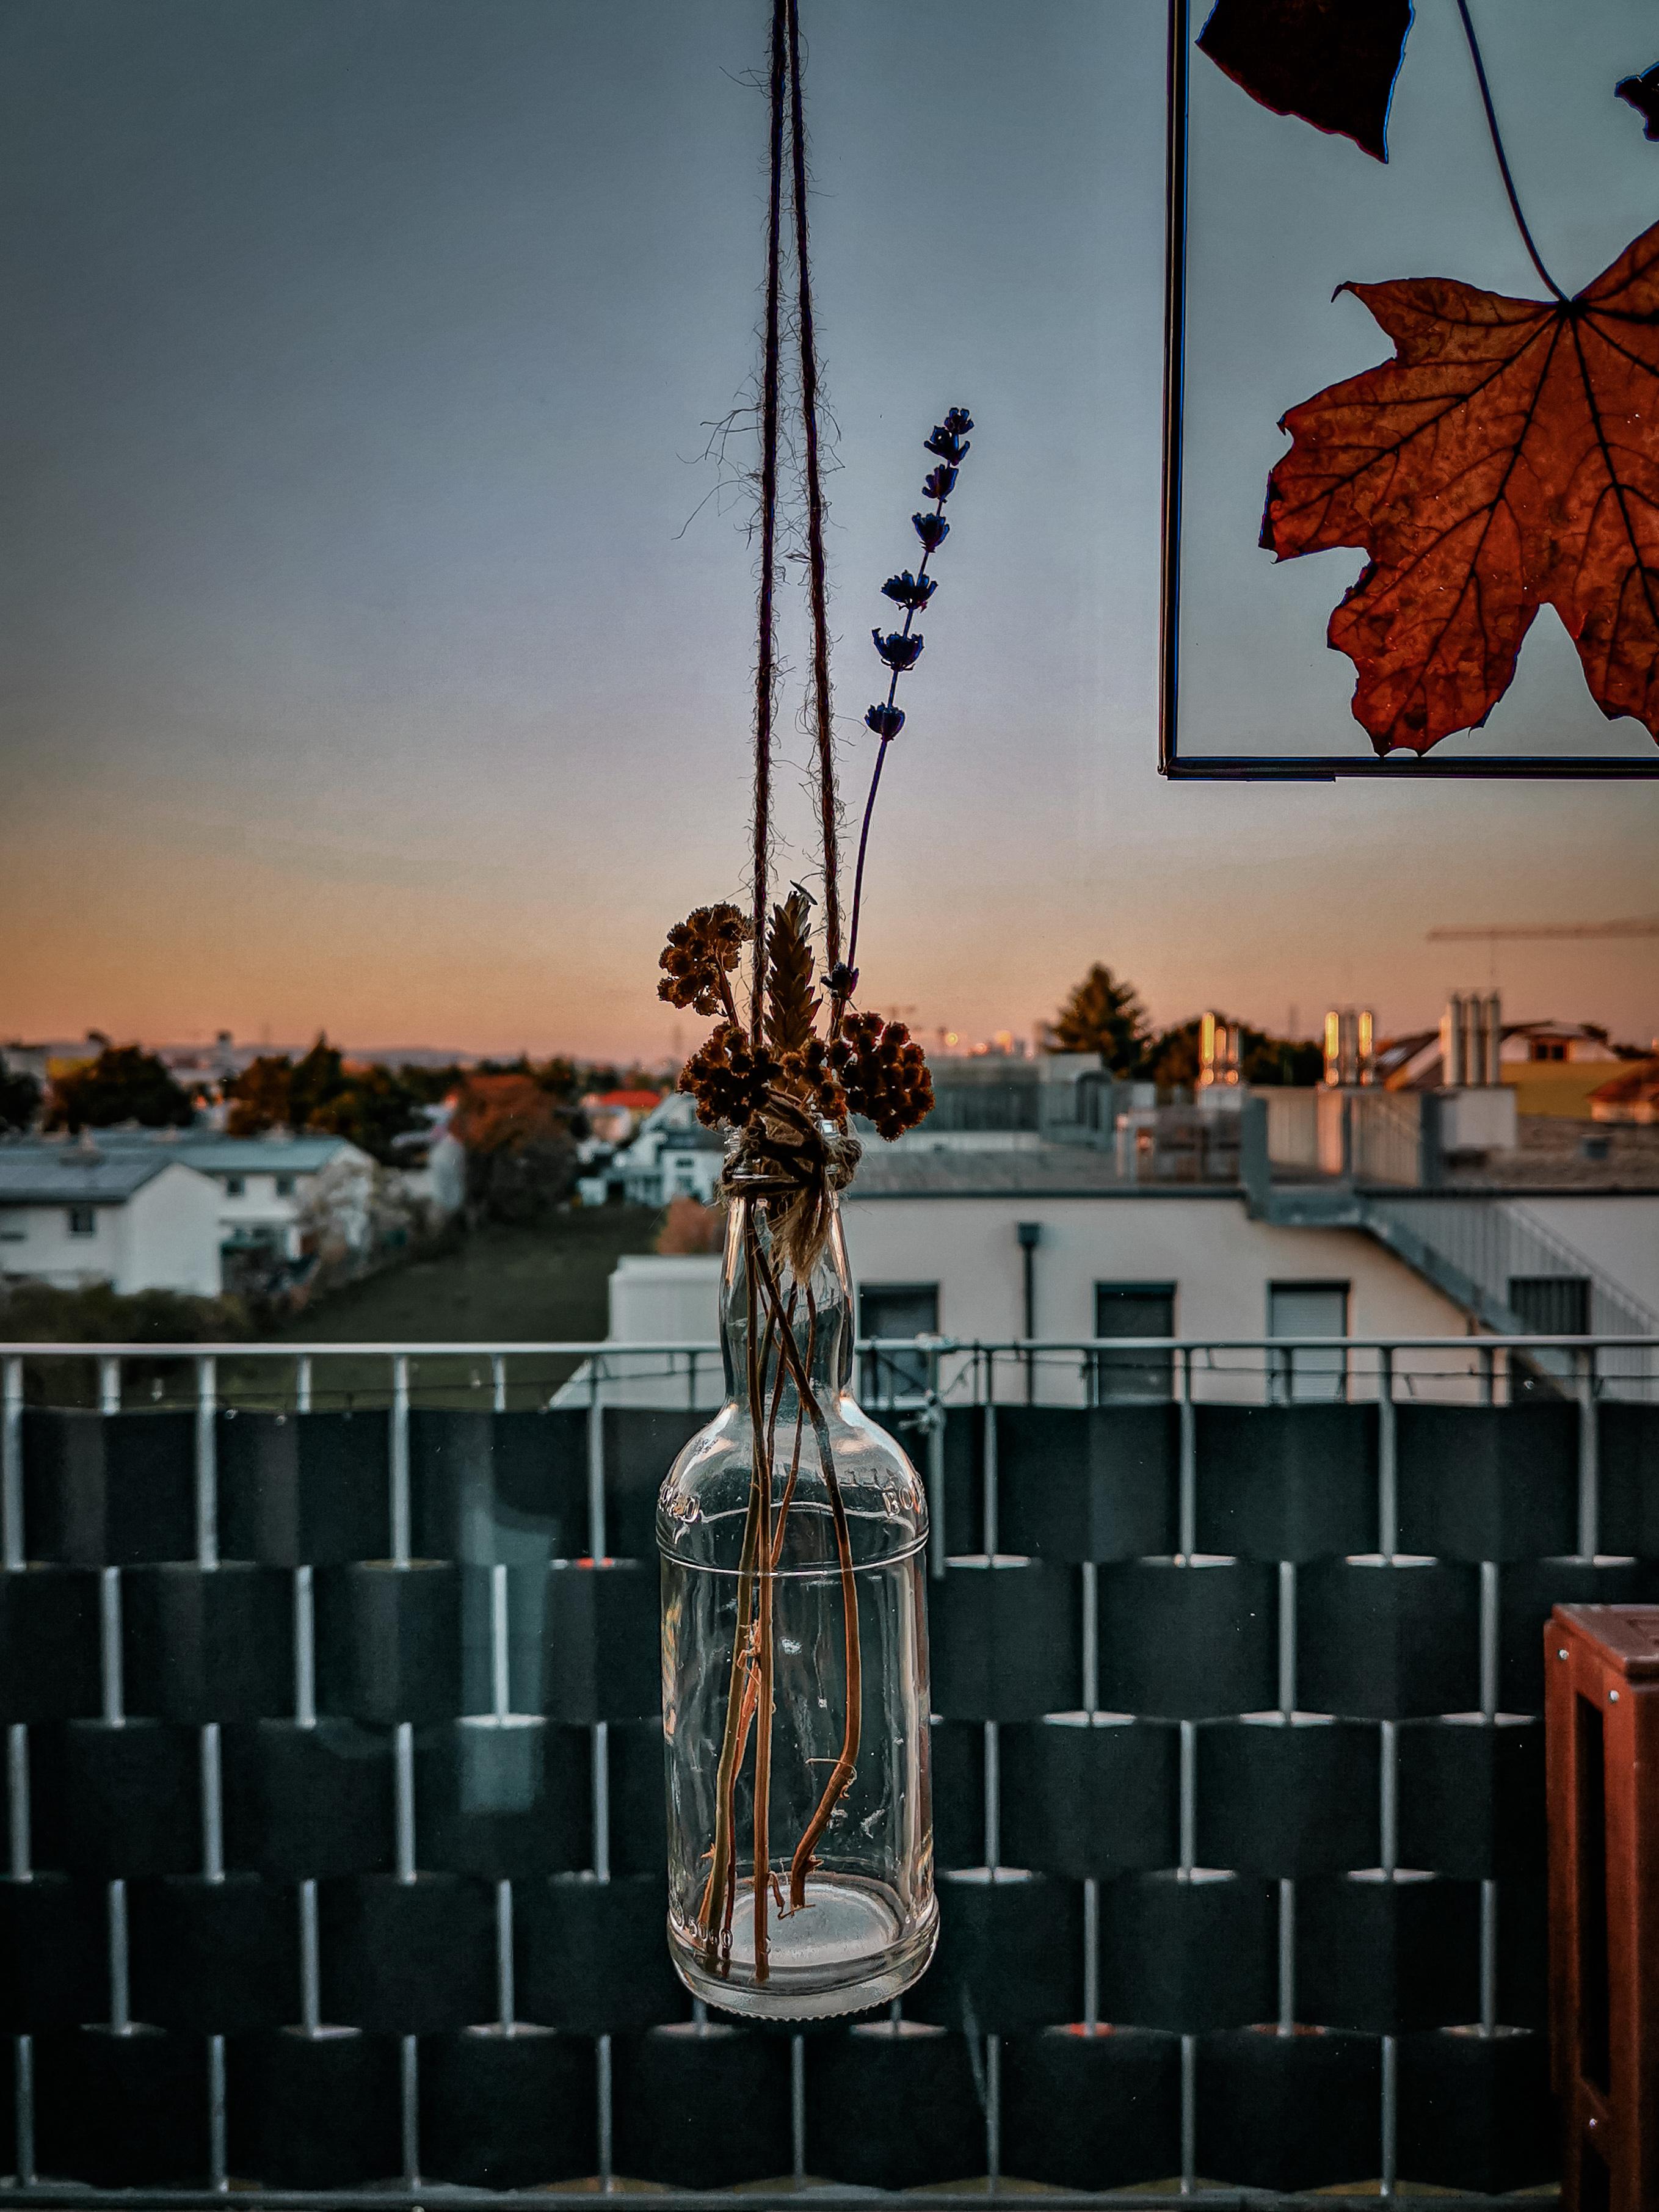 IMG 20200407 191532 2 - Botanische Fensterdekoration: Herbarium statt Gardinen